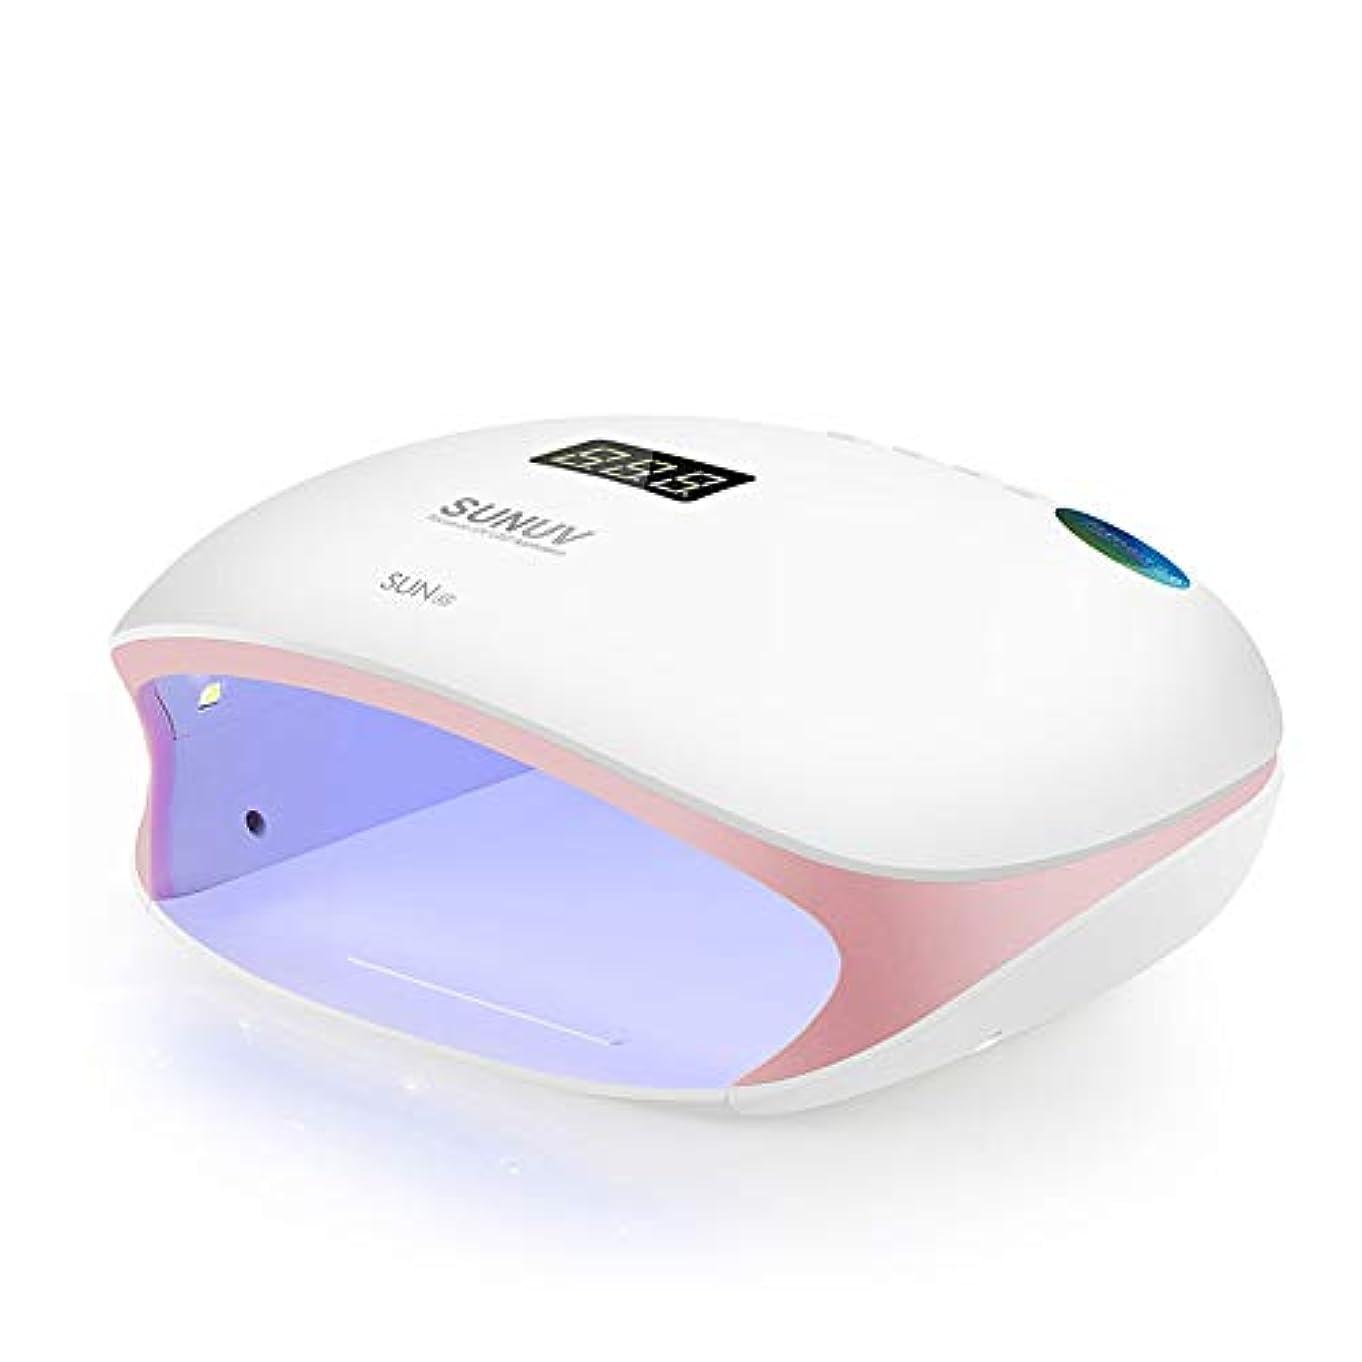 拡張収まる操作可能ネイルランプ48W UV LEDネイルドライヤー硬化ジェルポリッシュ用スマートセンサーマニキュアネイルアートサロン機器ブランド